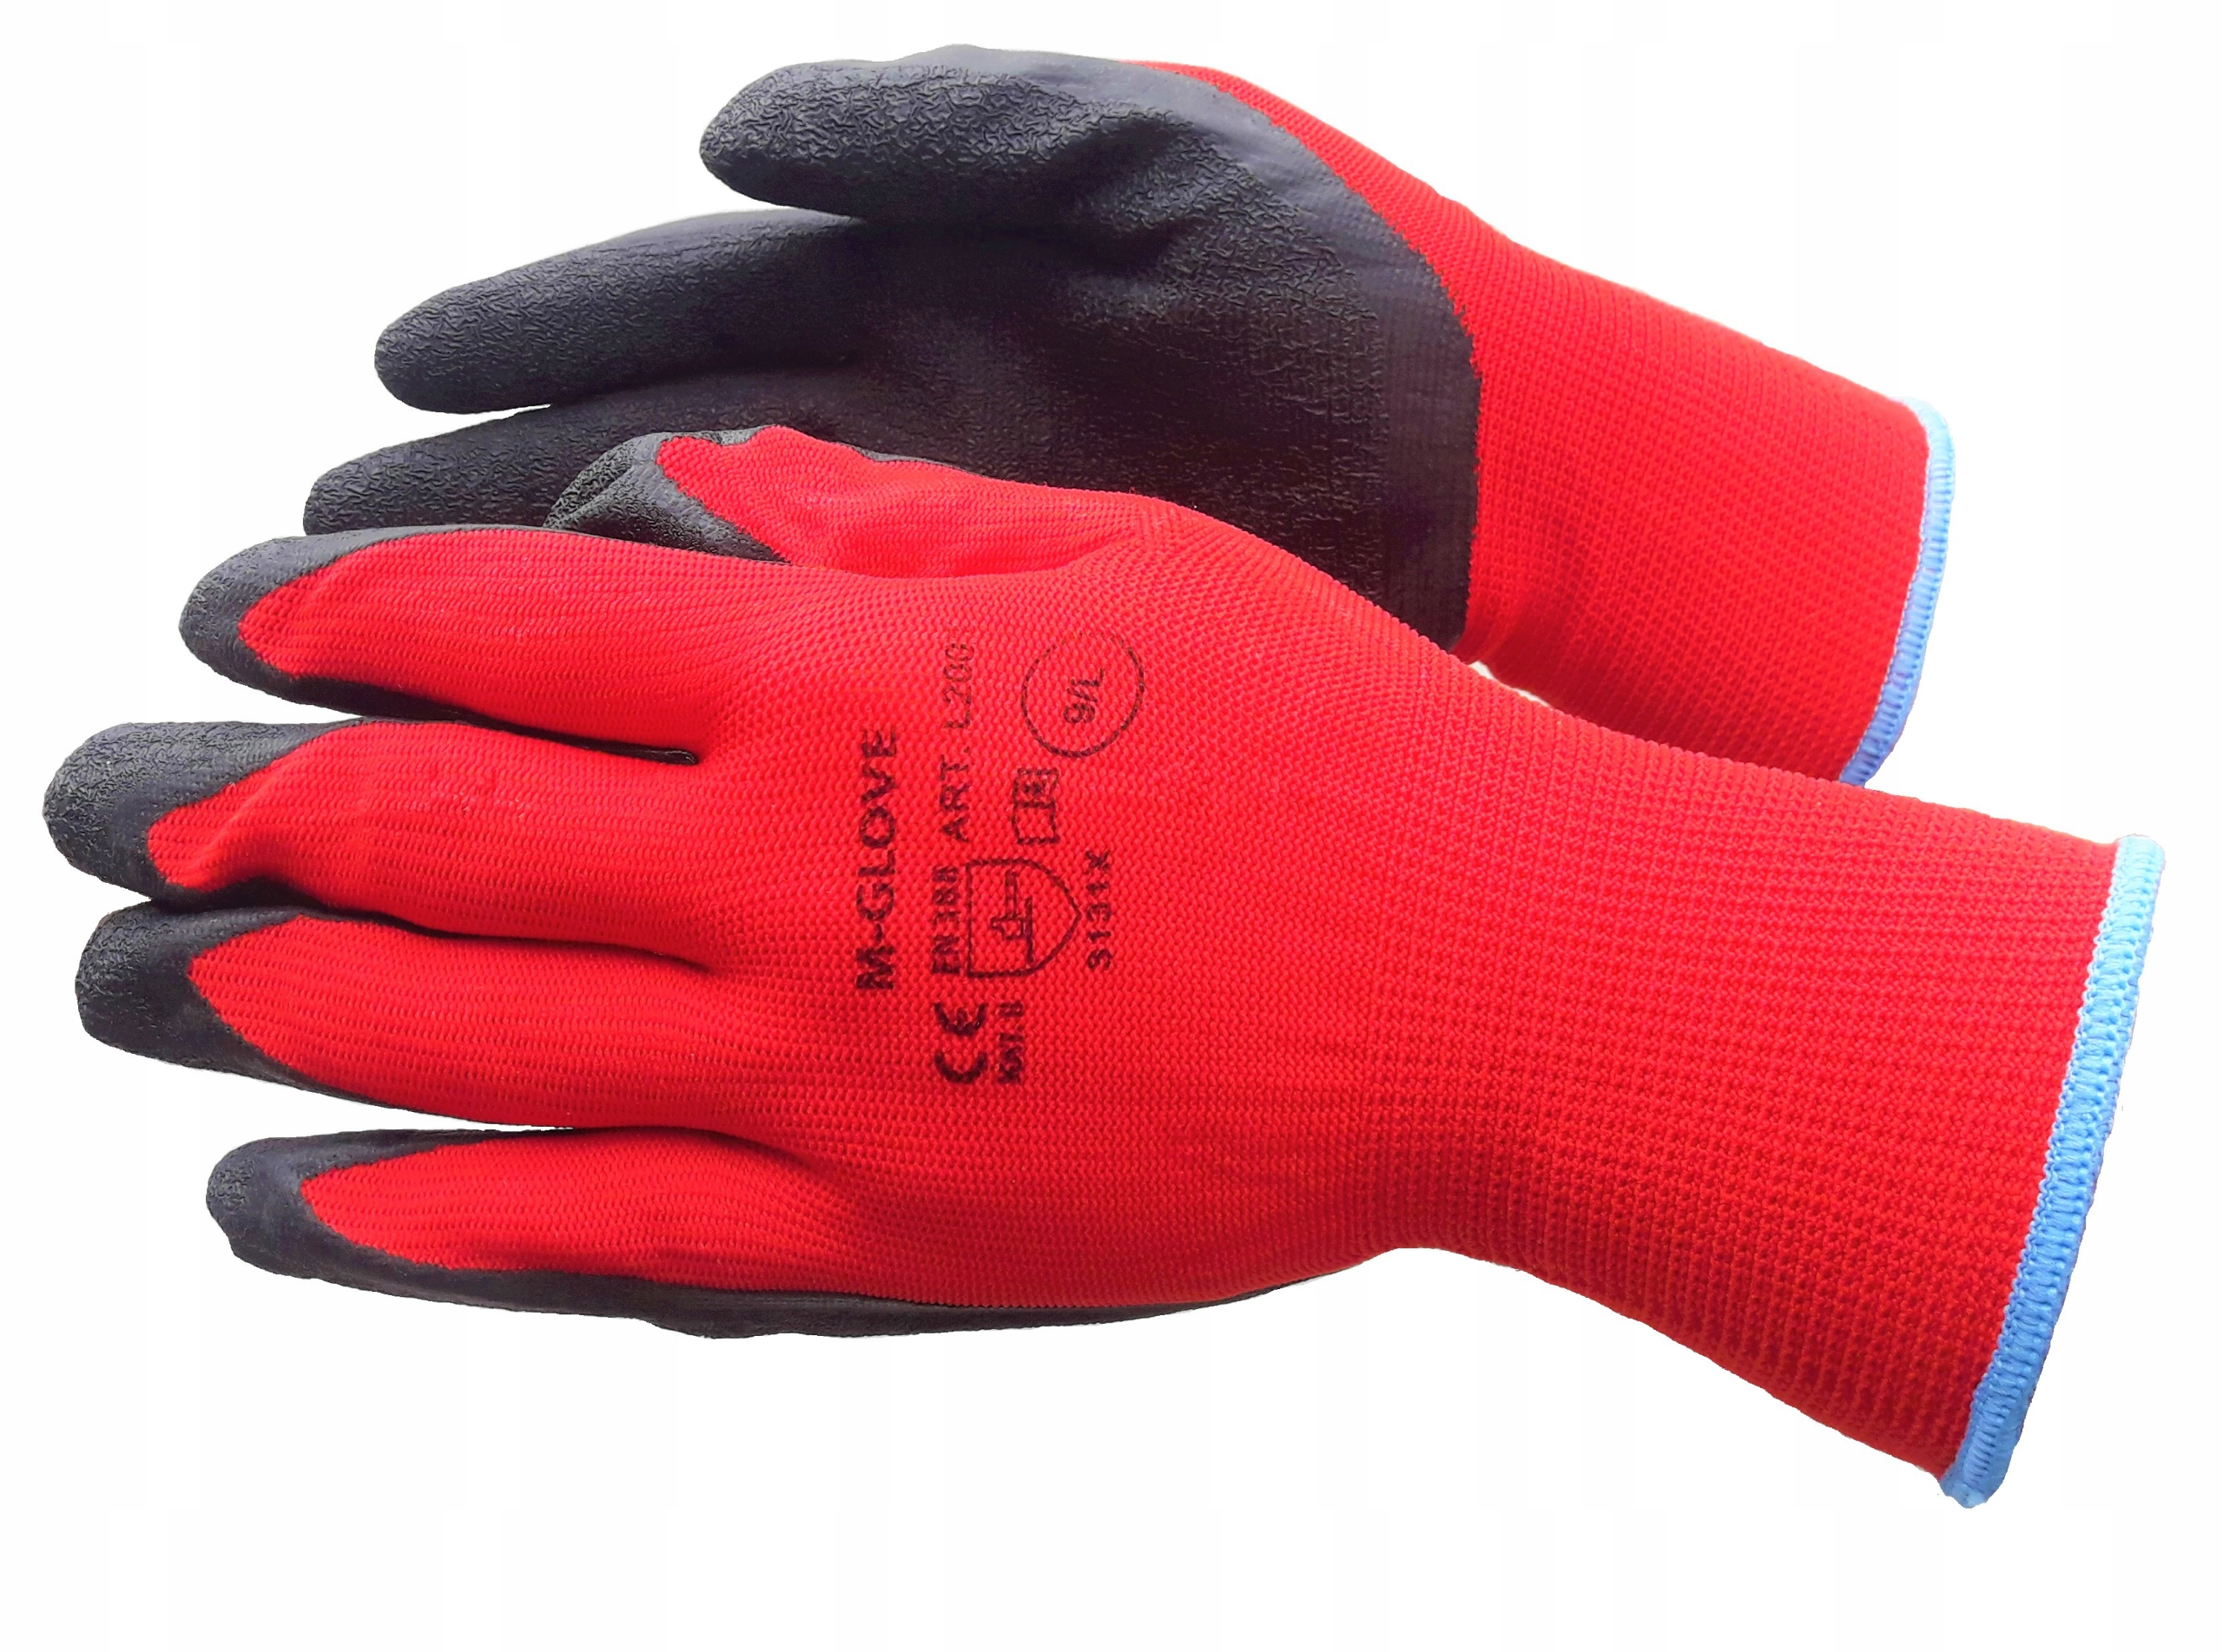 Защитные перчатки, рабочие перчатки с покрытием.9